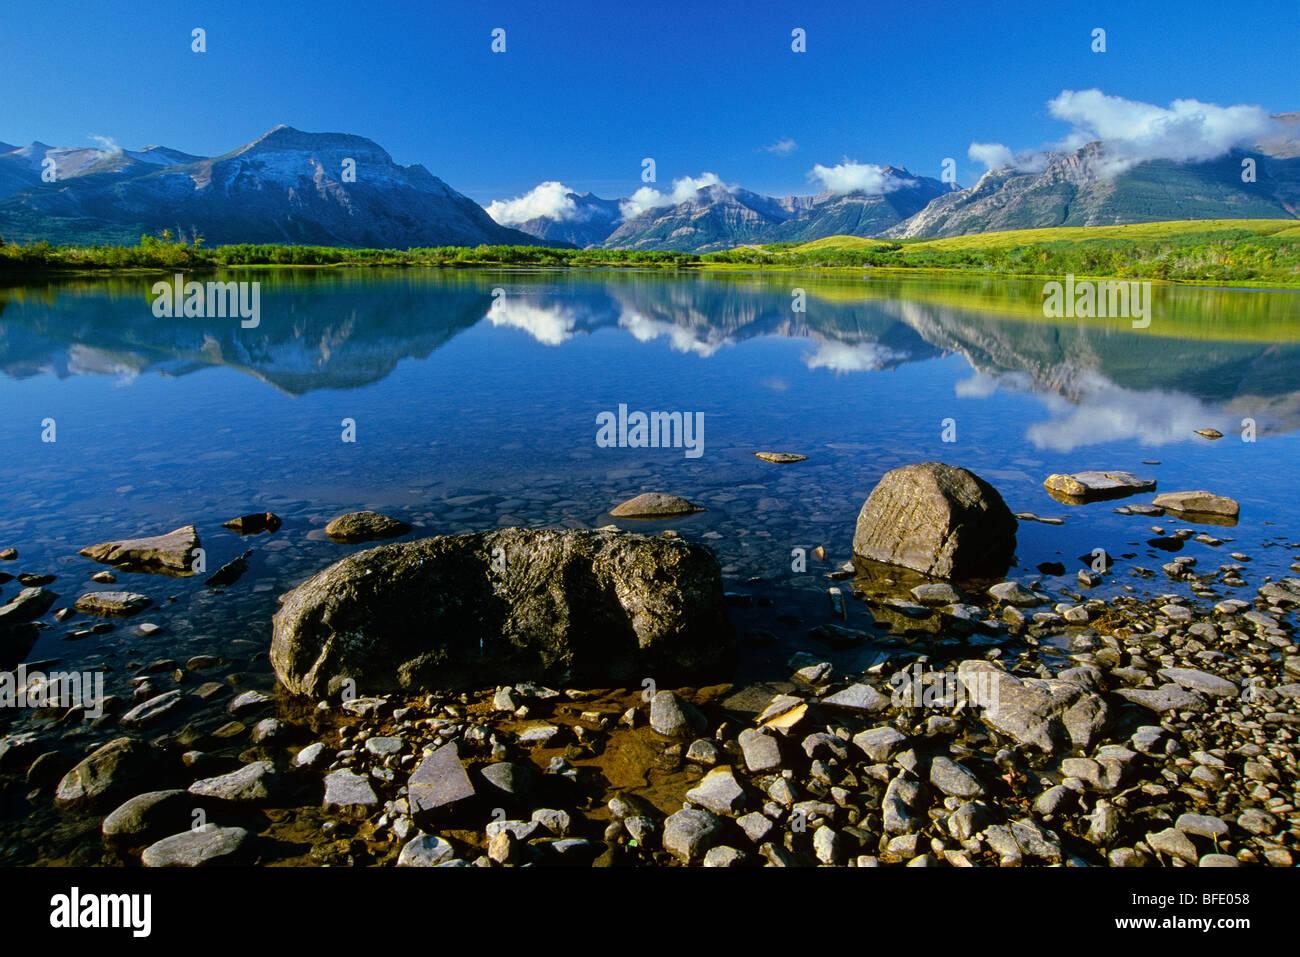 Vimy Peak and Lower Waterton Lake, Waterton Lakes National Park, Alberta, Canada - Stock Image